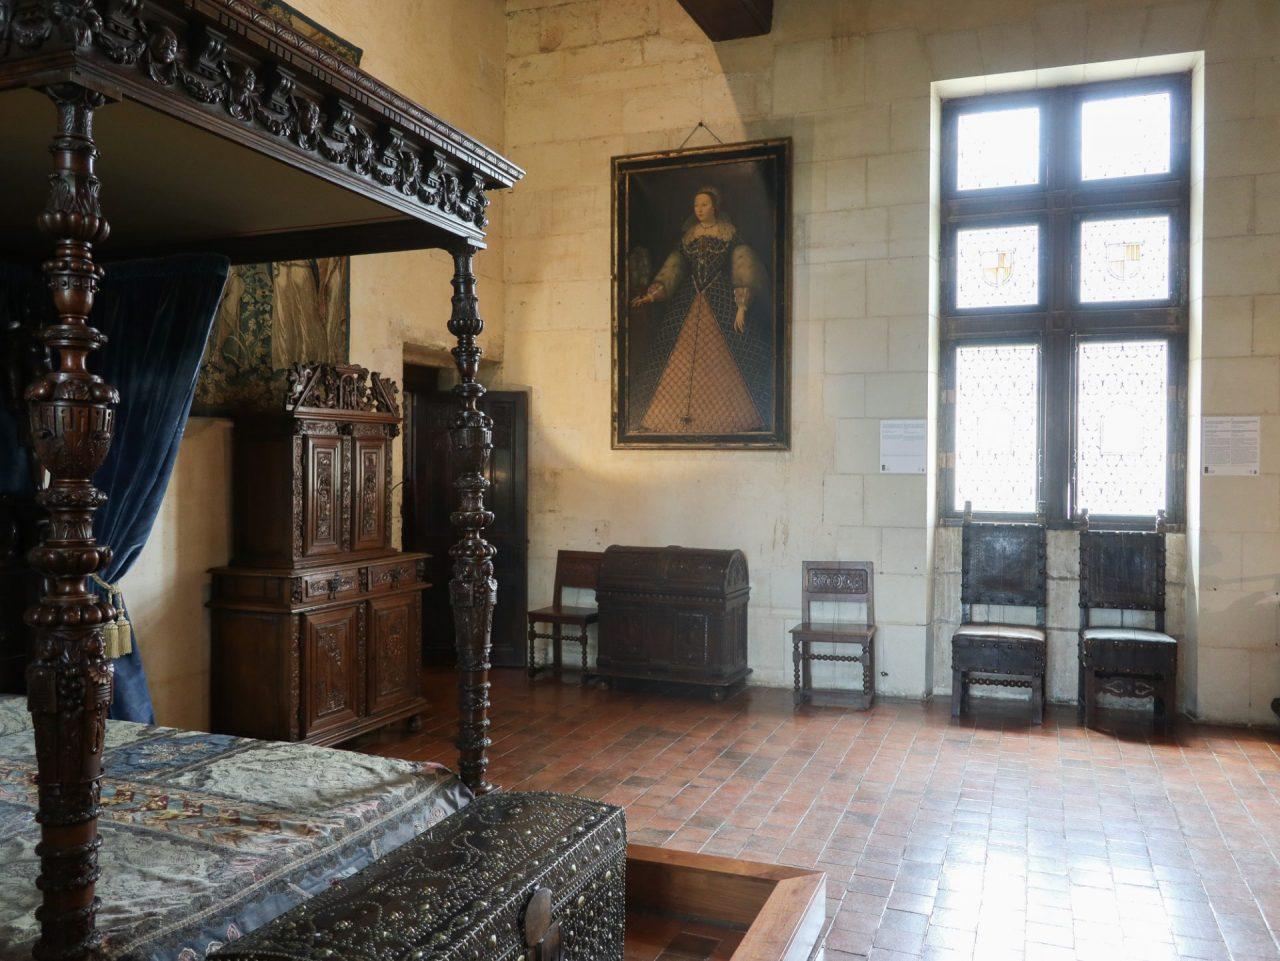 val-de-loire-domaine-chaumont-sur-loire-centre-art-et-nature-chateau-chambre-catherine-de-medicis